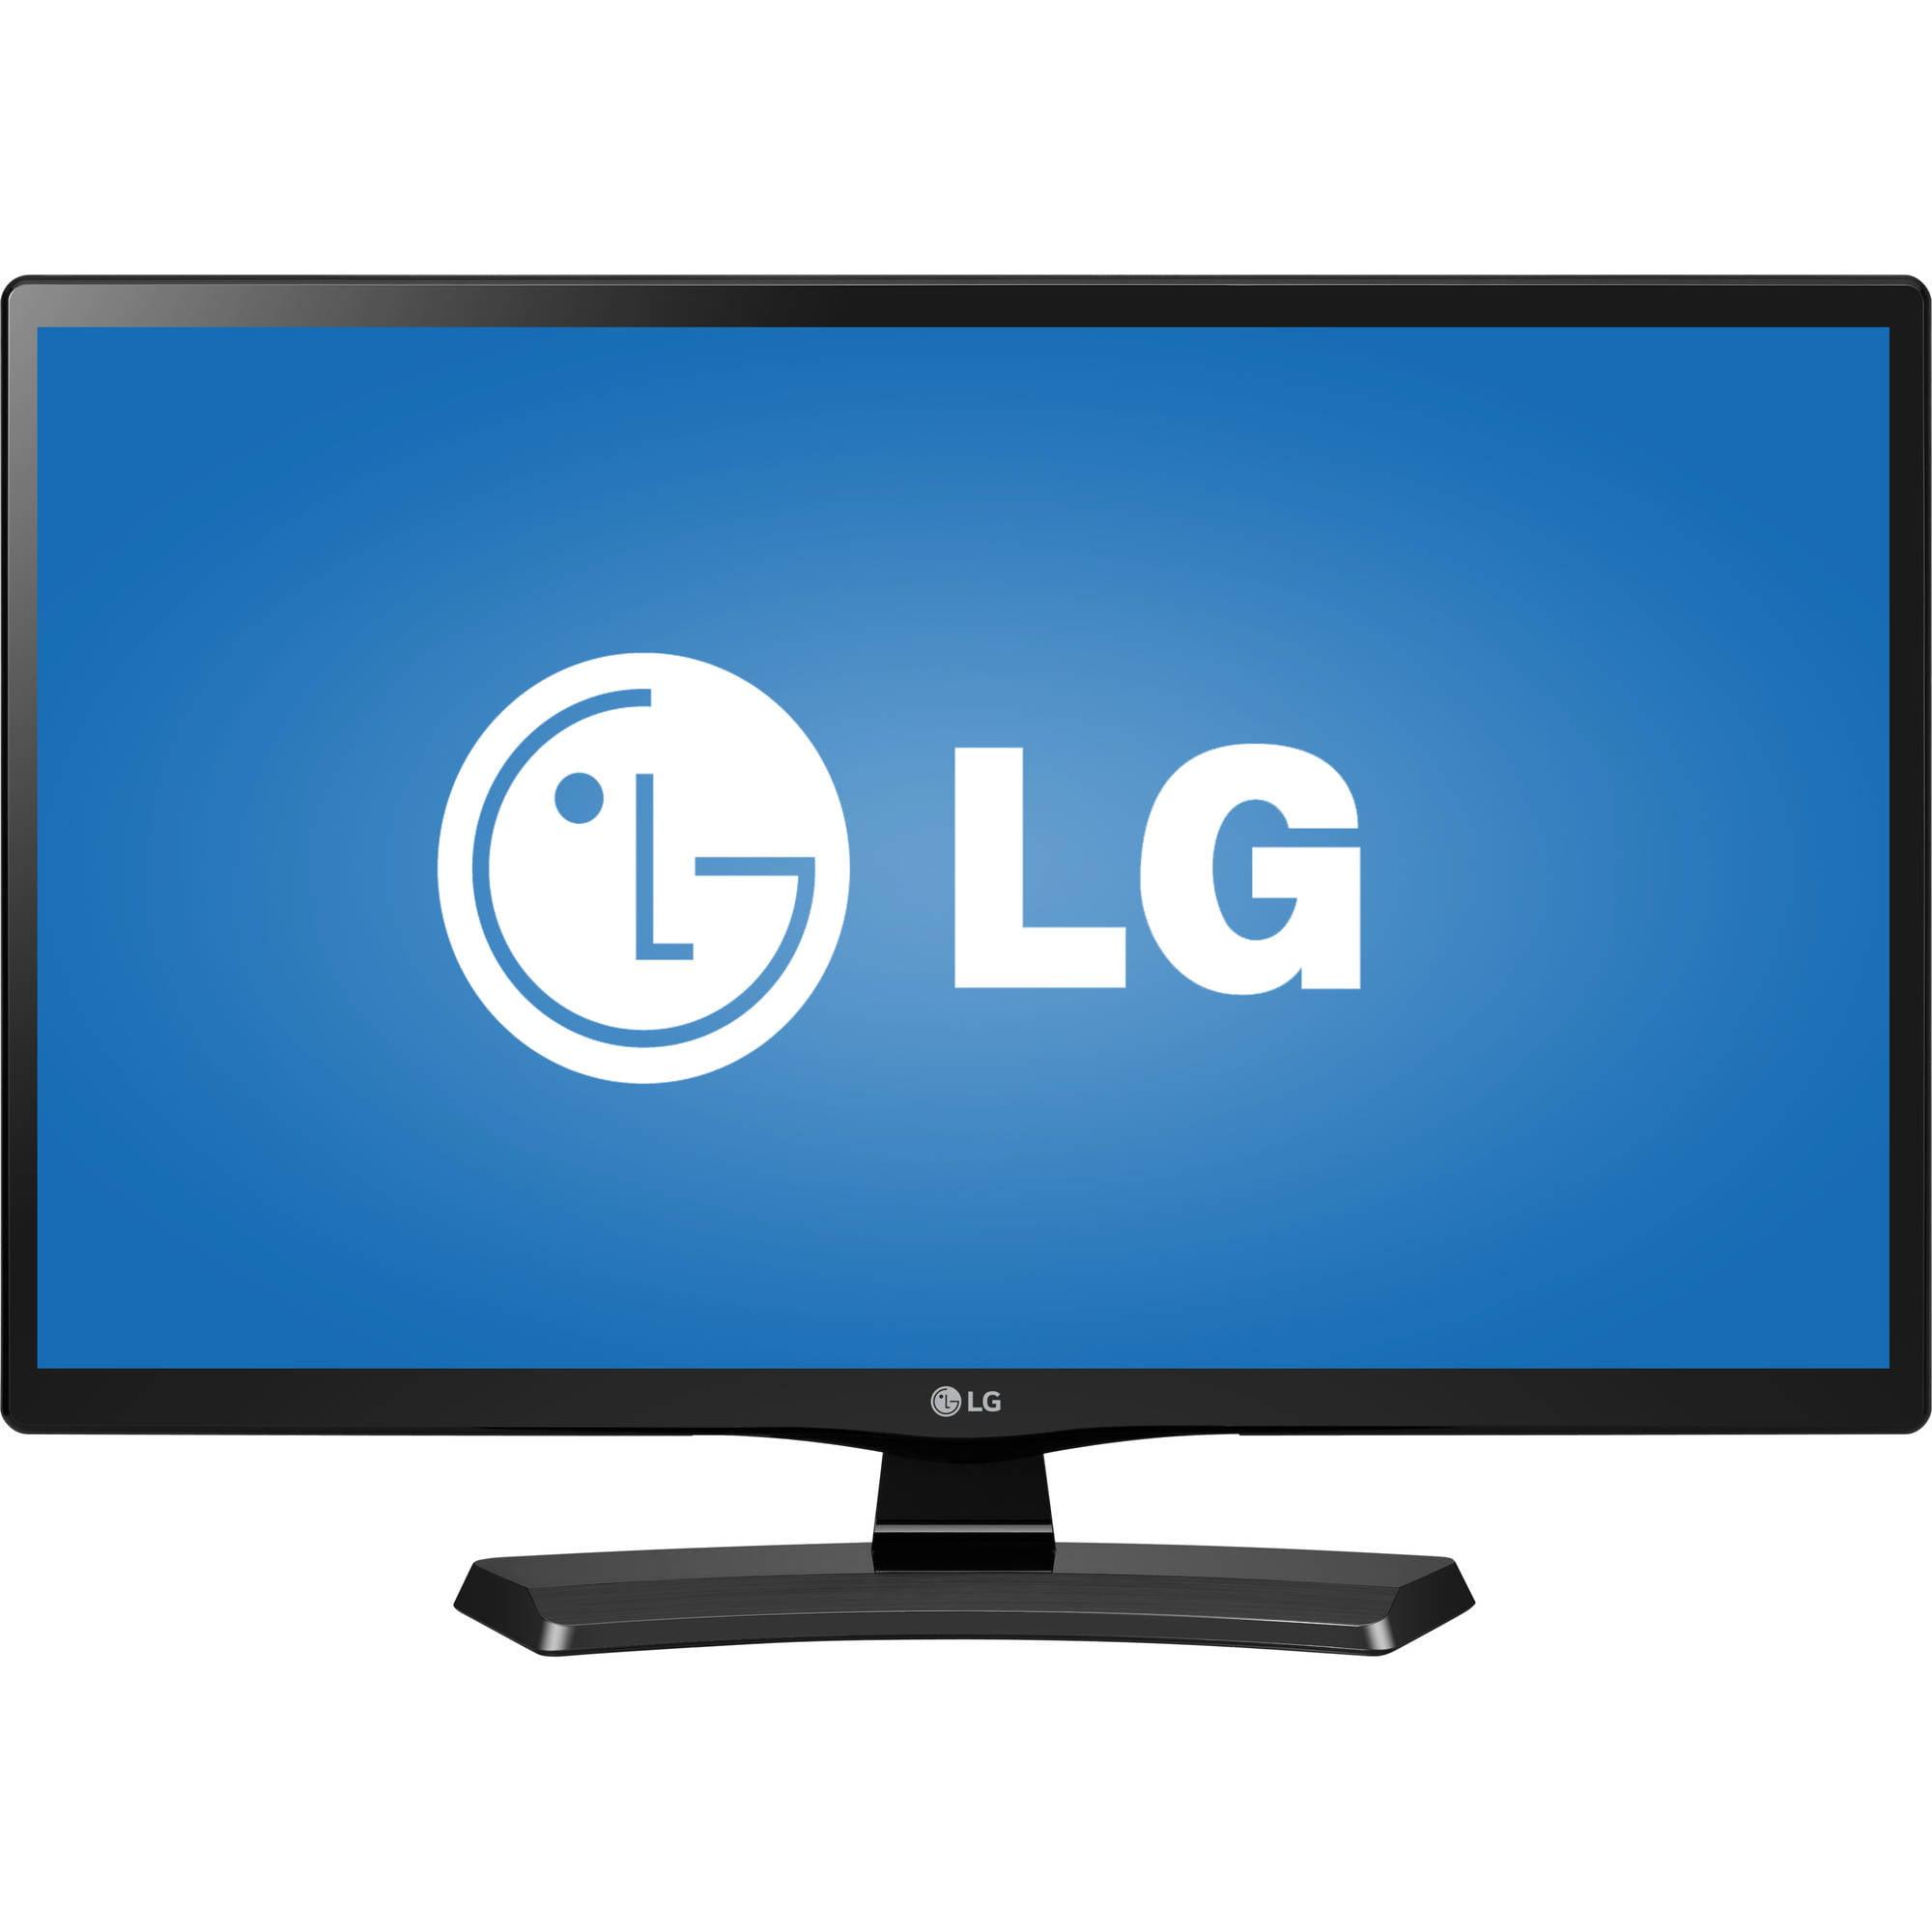 lg 24 class hd 720p smart led tv lh4830 walmart com rh walmart com LG LCD TV Repair Manual LG Smart TV Remote